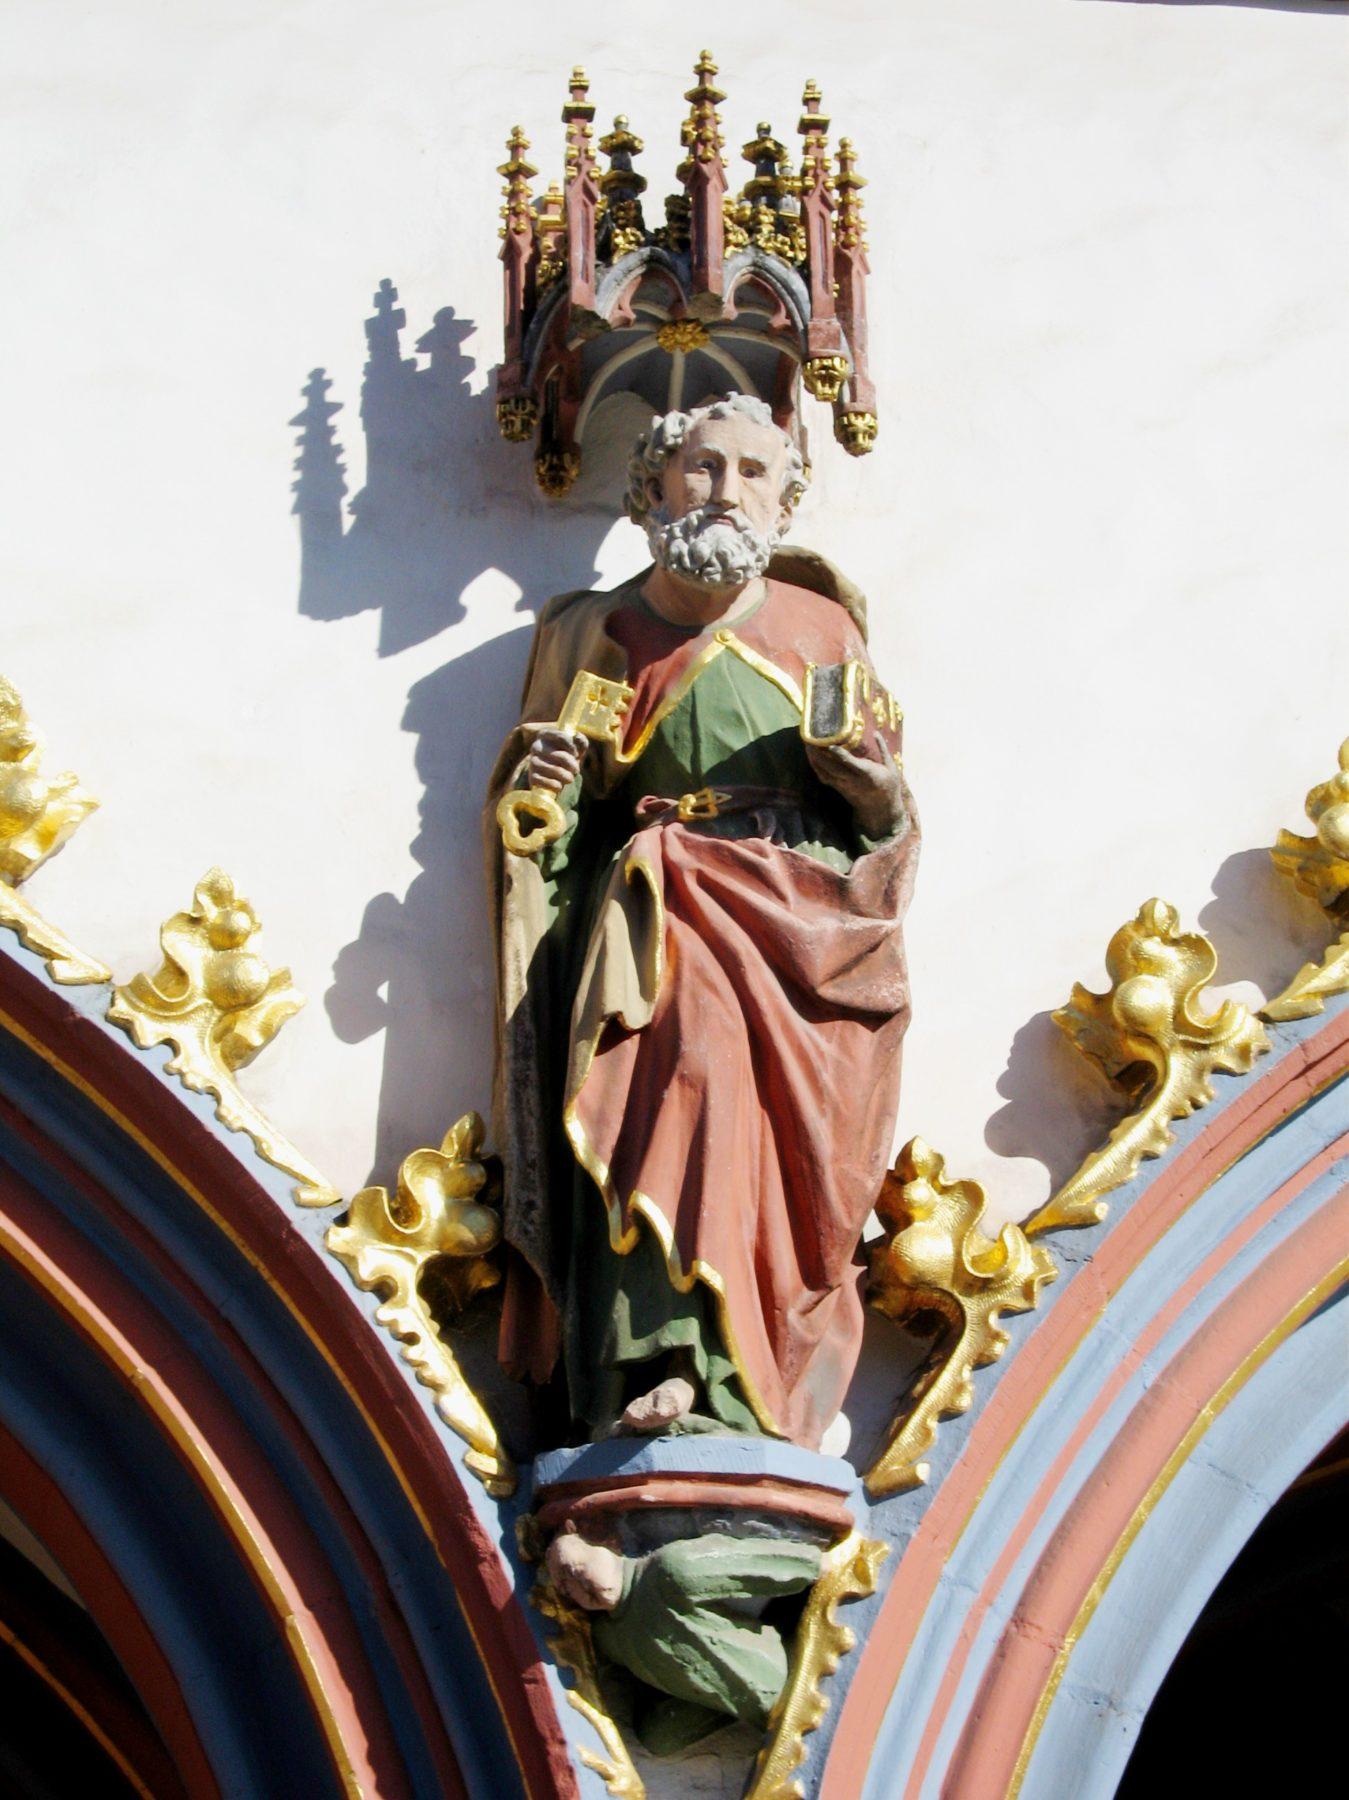 Abbildung des Stadtpatron Petrus an der Steipe am Hauptmarkt